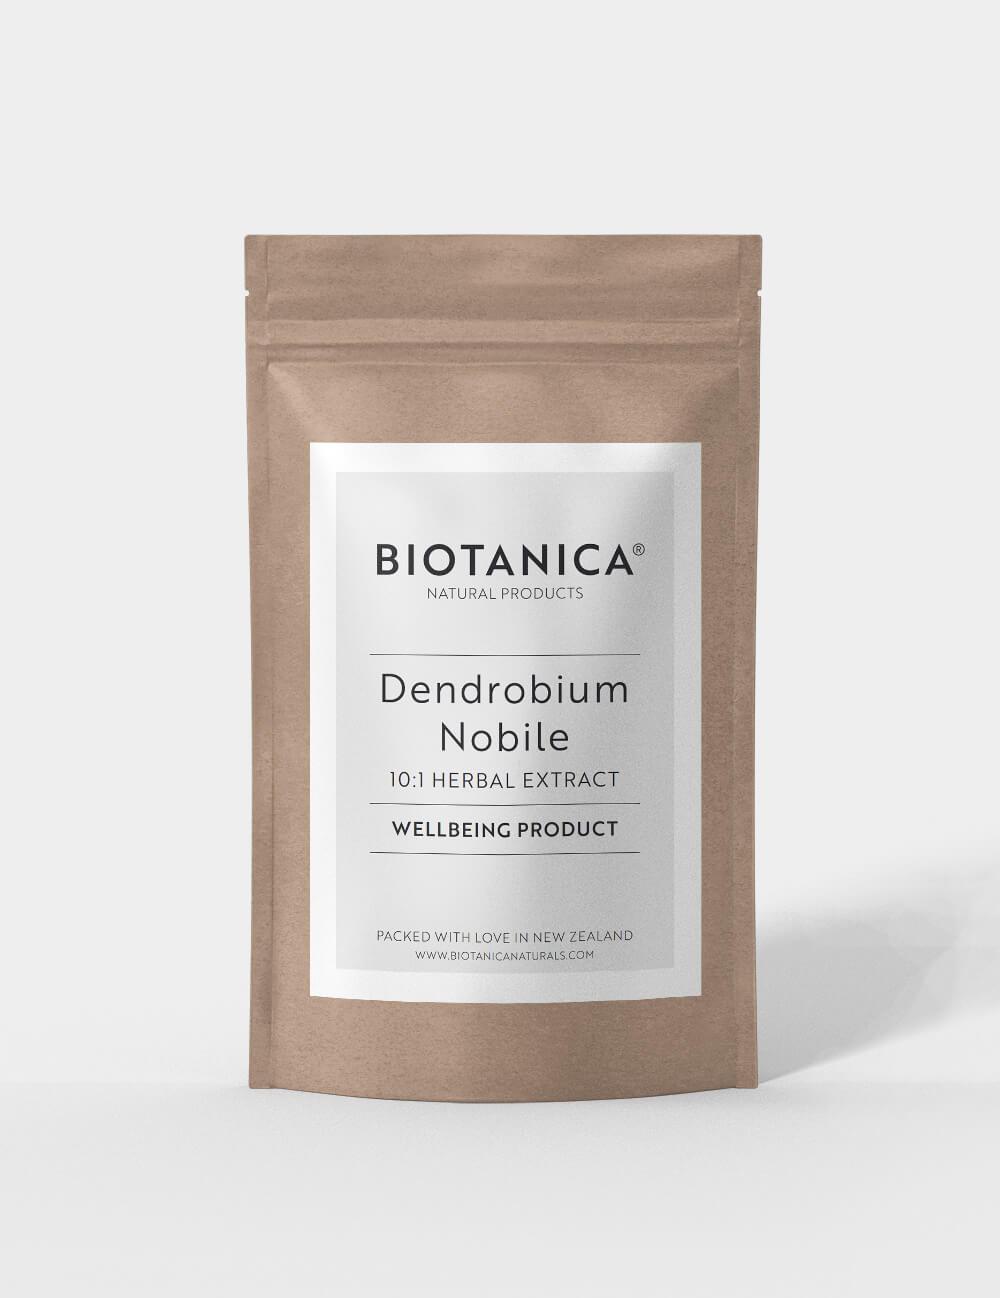 Dendrobium Nobile Image 1